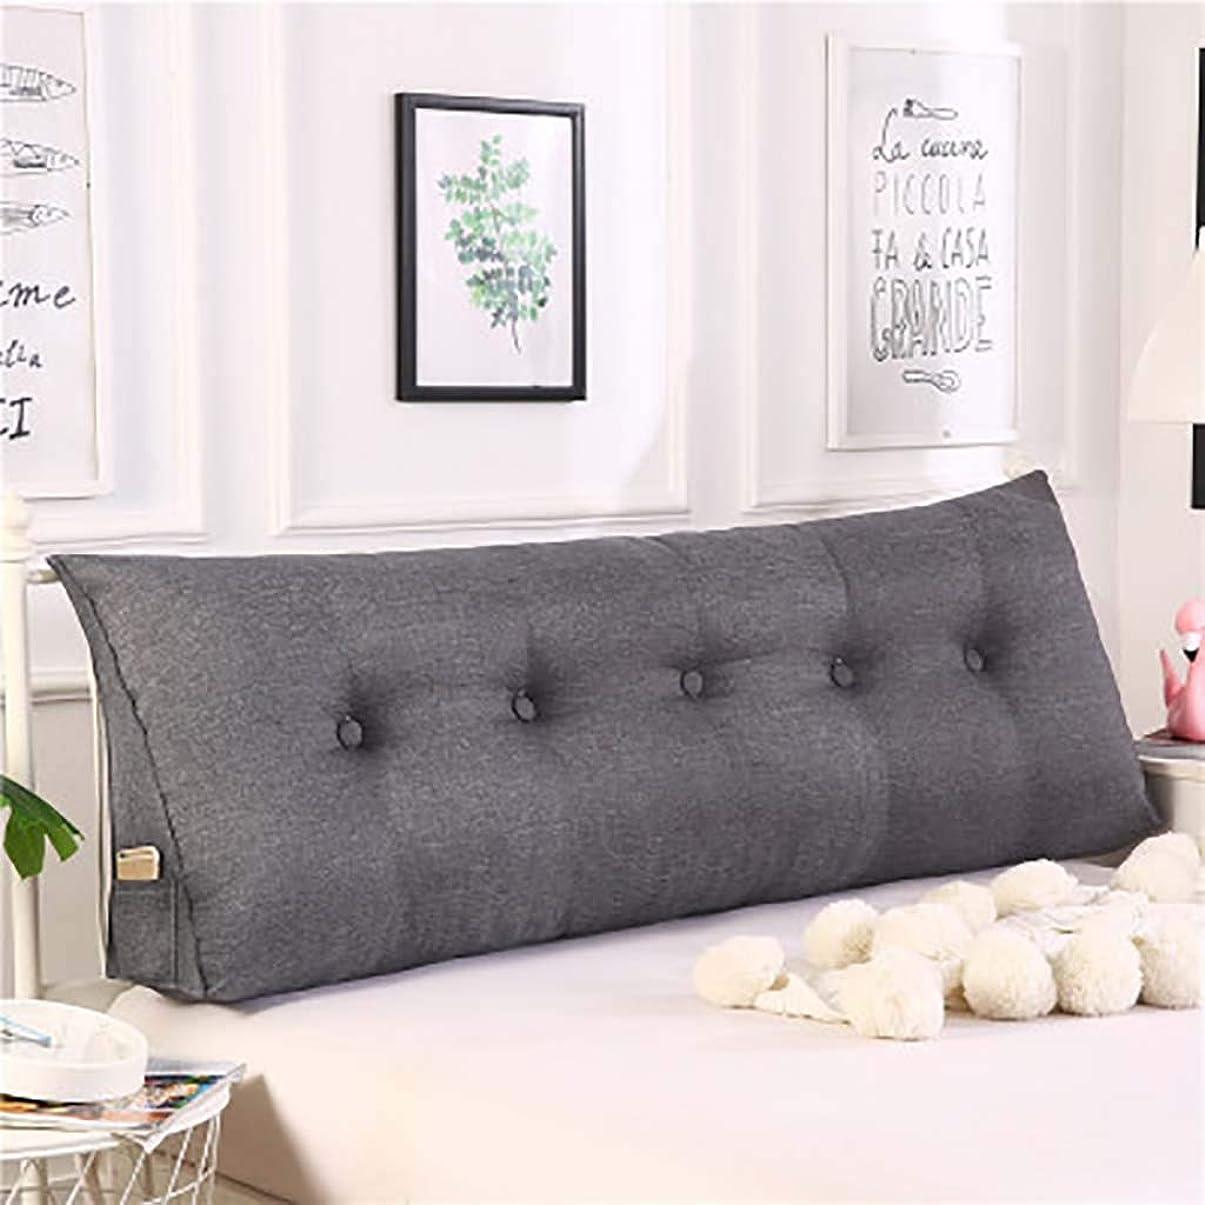 レビューソフィー種をまく三角 ウェッジ枕,ベッド 戻る クッション,3-次元 ベッド 背もたれ 枕 ダブル ヘッドボード クッション 畳 読ん 背もたれ-グレー 180x50x20cm(71x20x8inch)